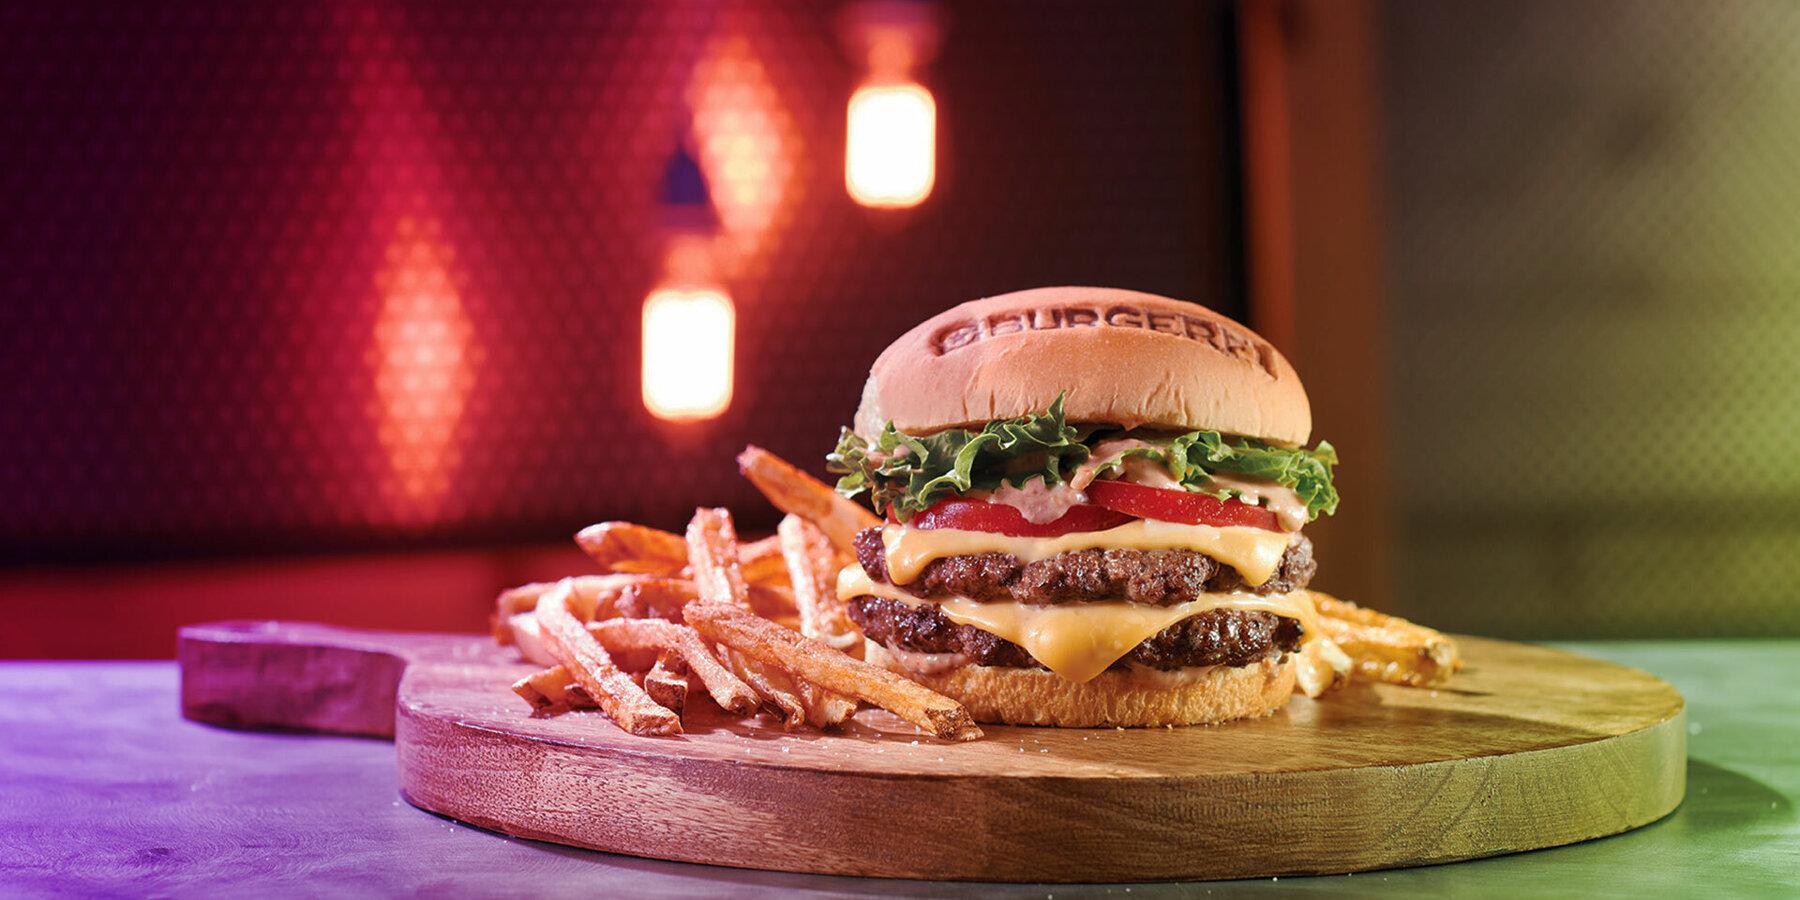 Burgerfi background image 1